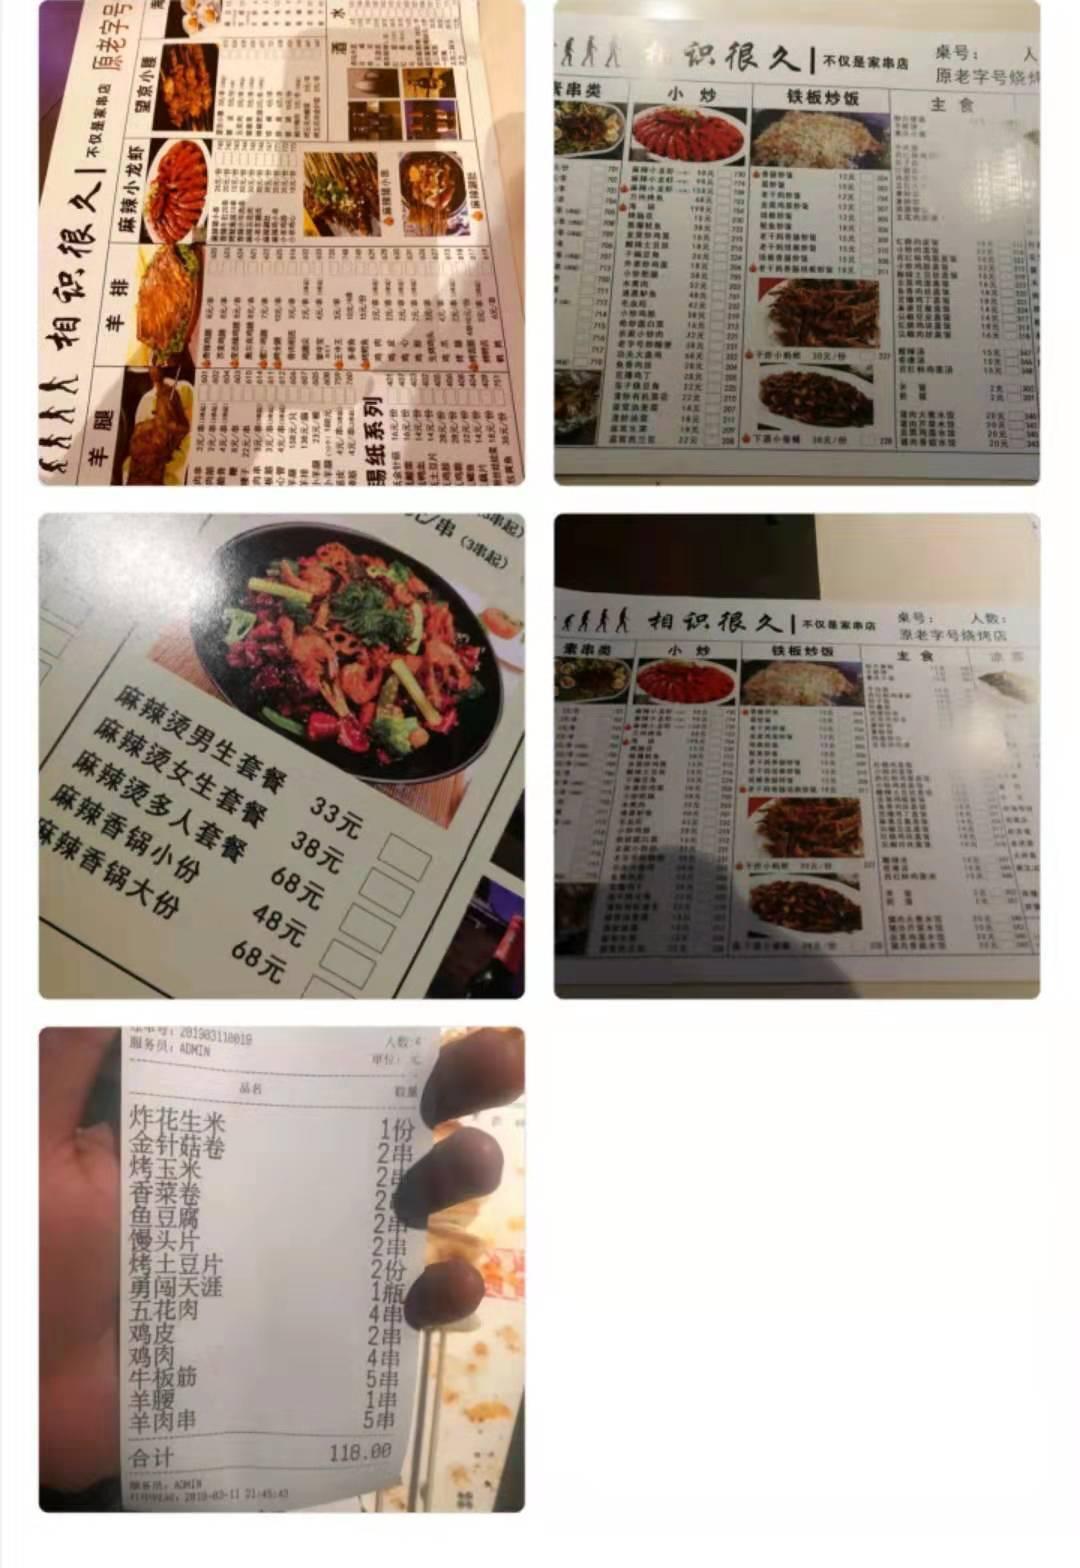 海淀啤酒烤串店_啤酒报价相关-北京忠义鼎源餐饮有限公司